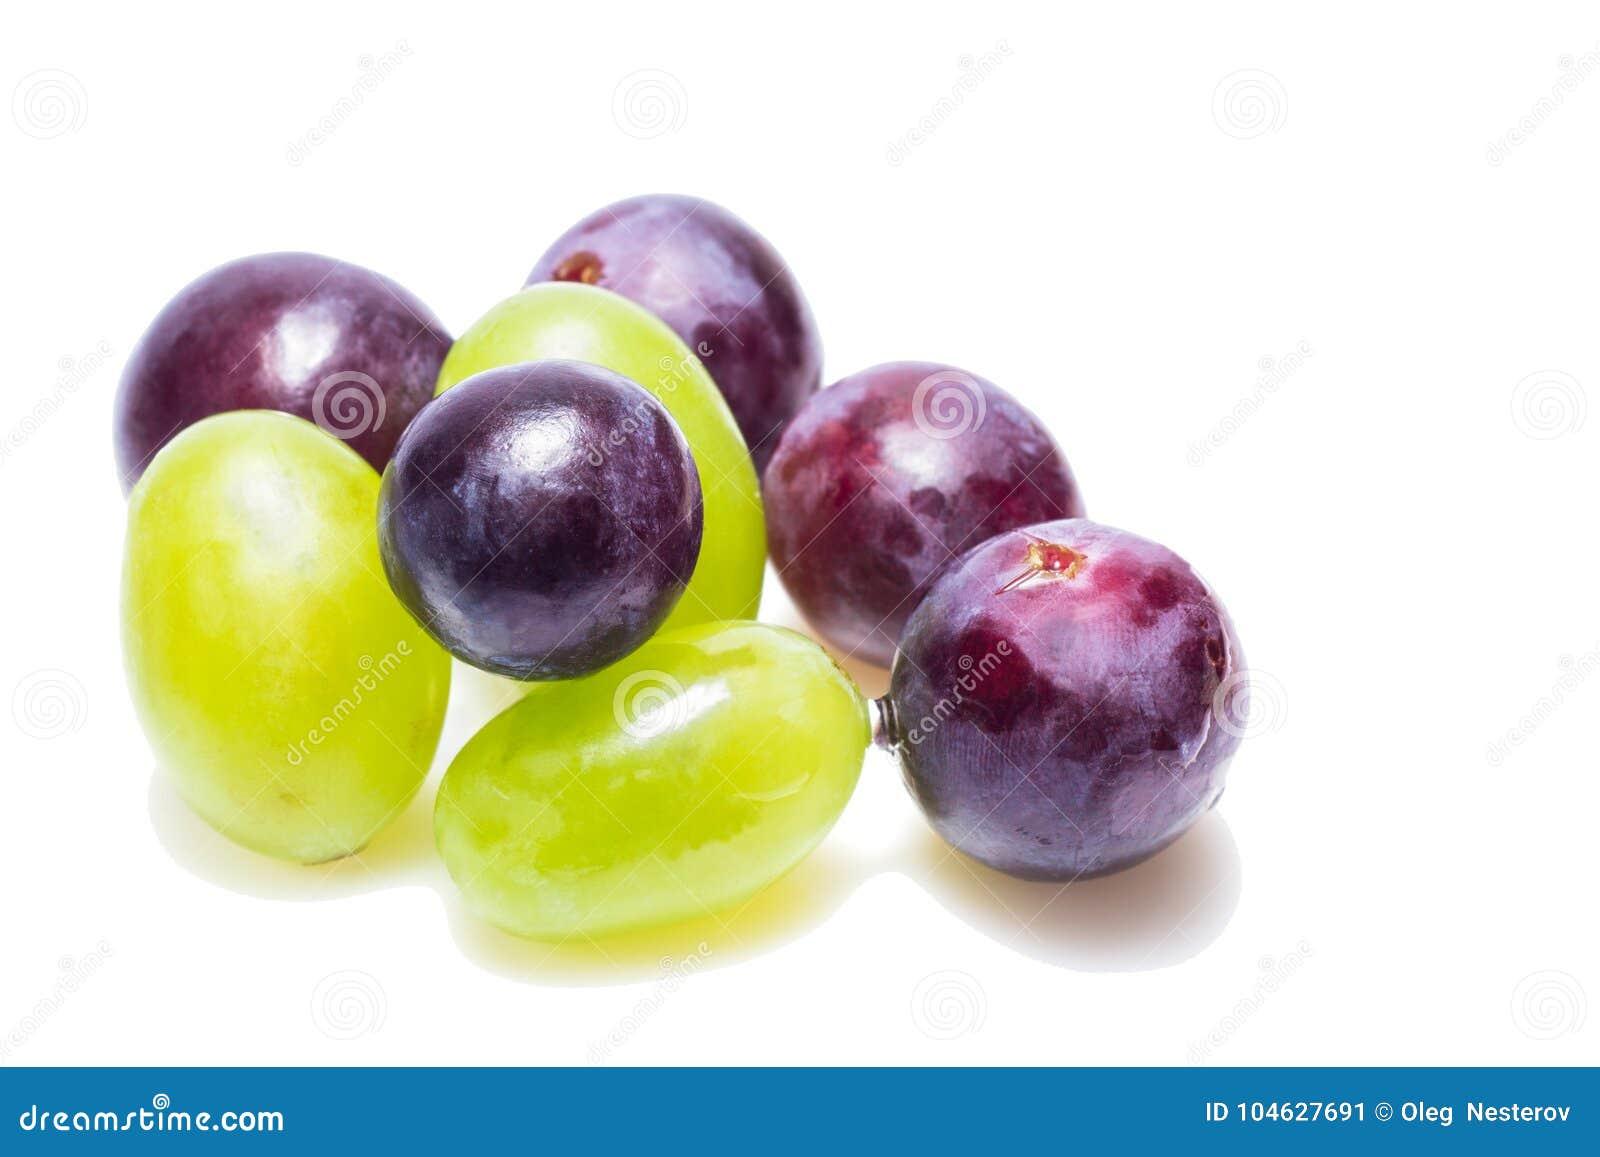 Download Heldere Druiven Van Heldere Verscheidenheden Op Een Witte Achtergrond Stock Afbeelding - Afbeelding bestaande uit druiven, blauw: 104627691